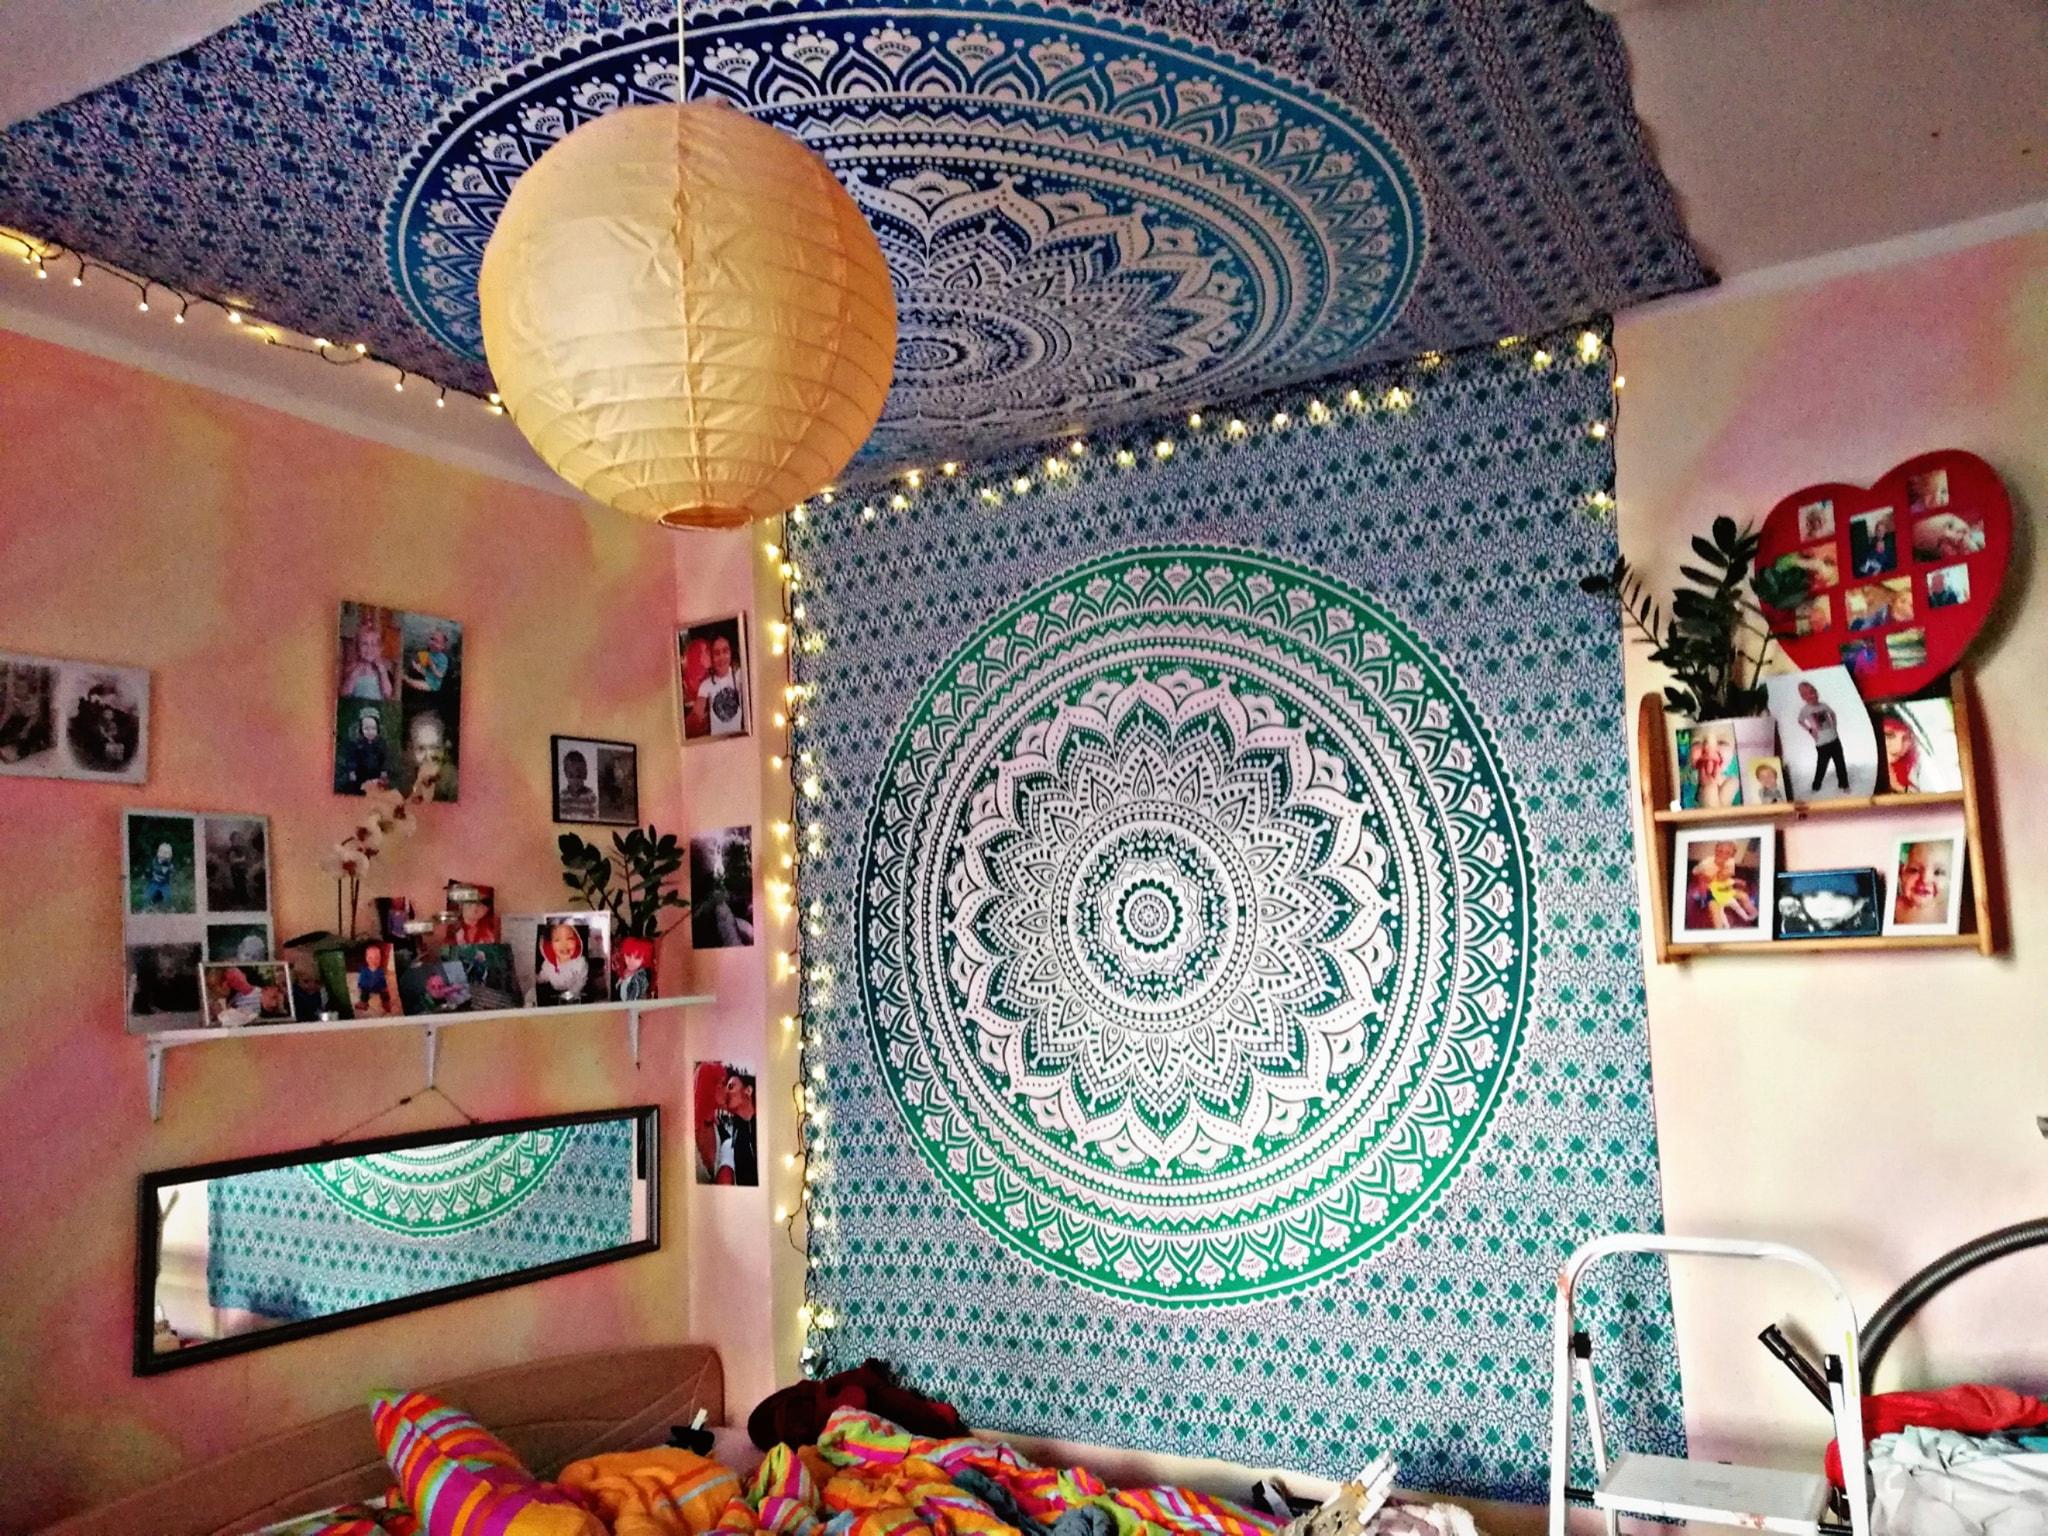 Blaues Wandtuch an der Decke, Türkis an der Wand